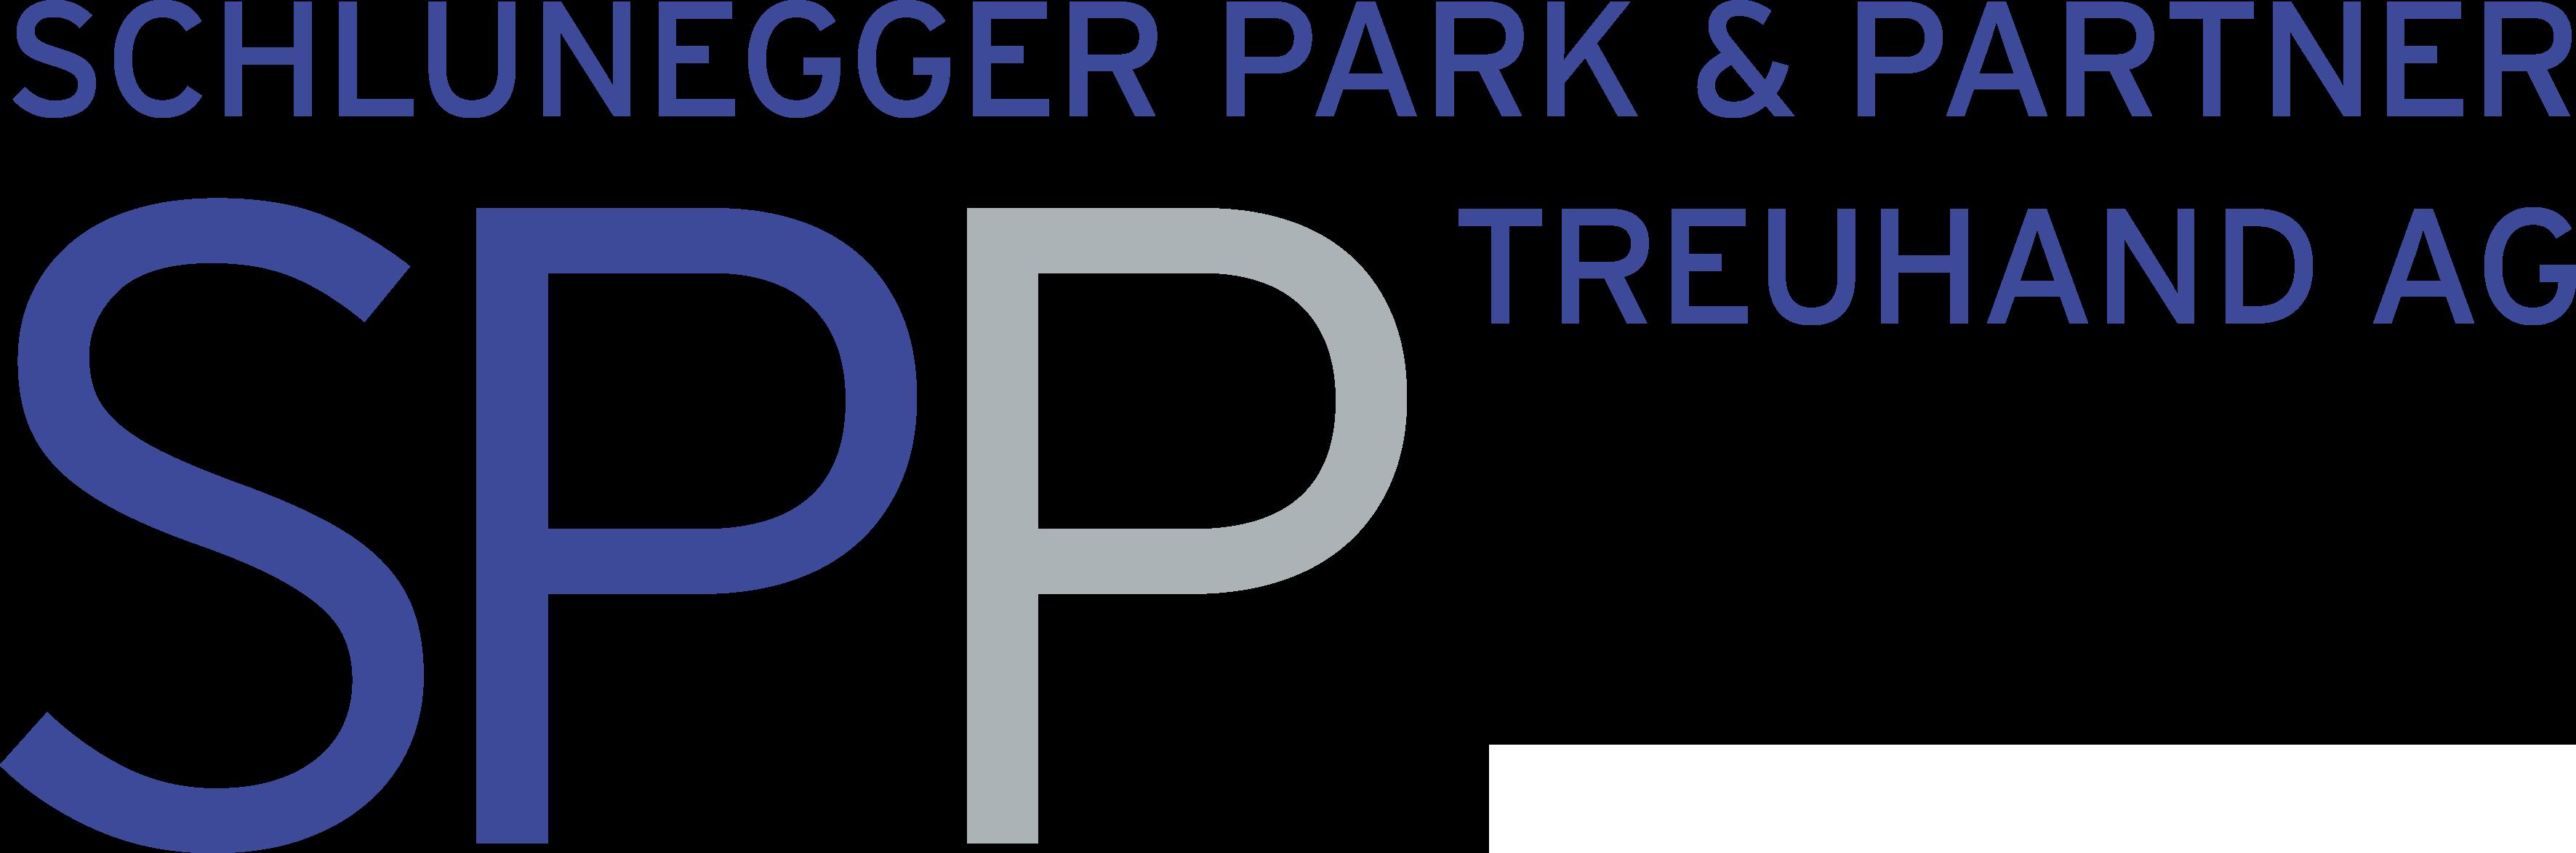 Bilder SPP Schlunegger Park & Partner Treuhand AG